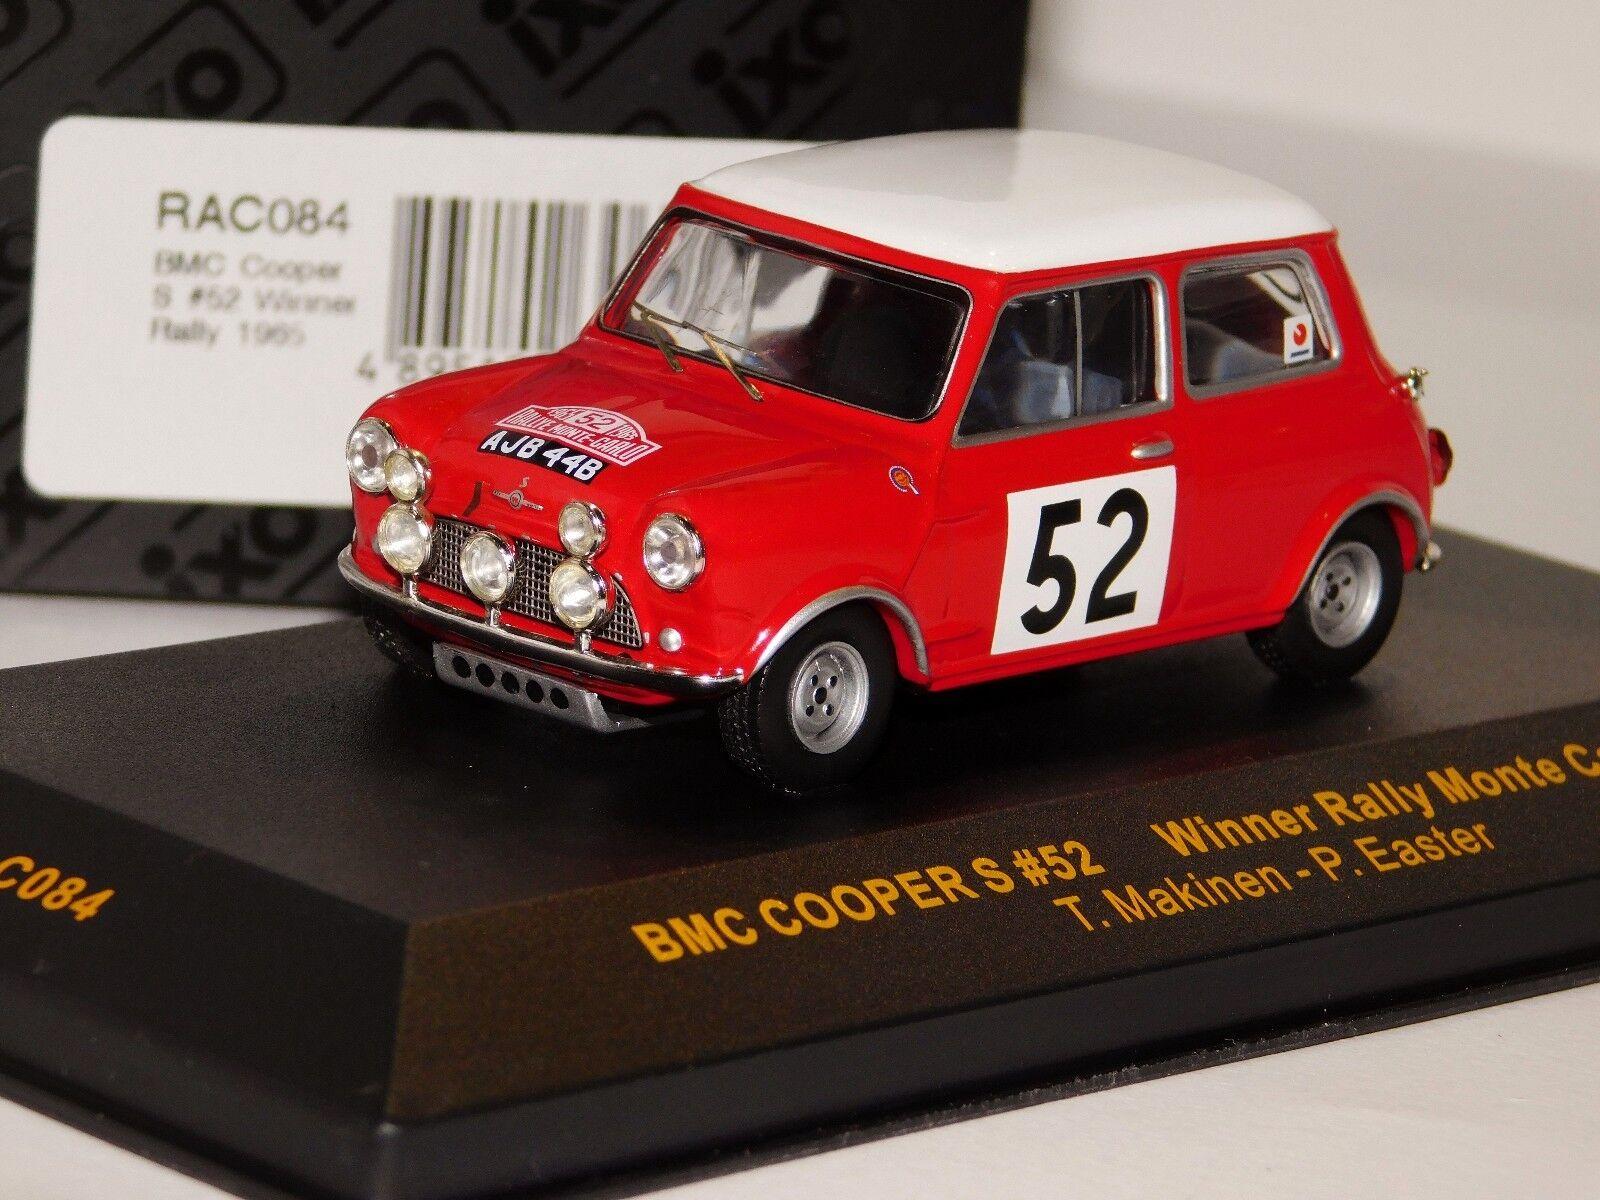 BMC MINI COOPER S VINER MONTE bilLO 1965 IXO RAC084 1  43